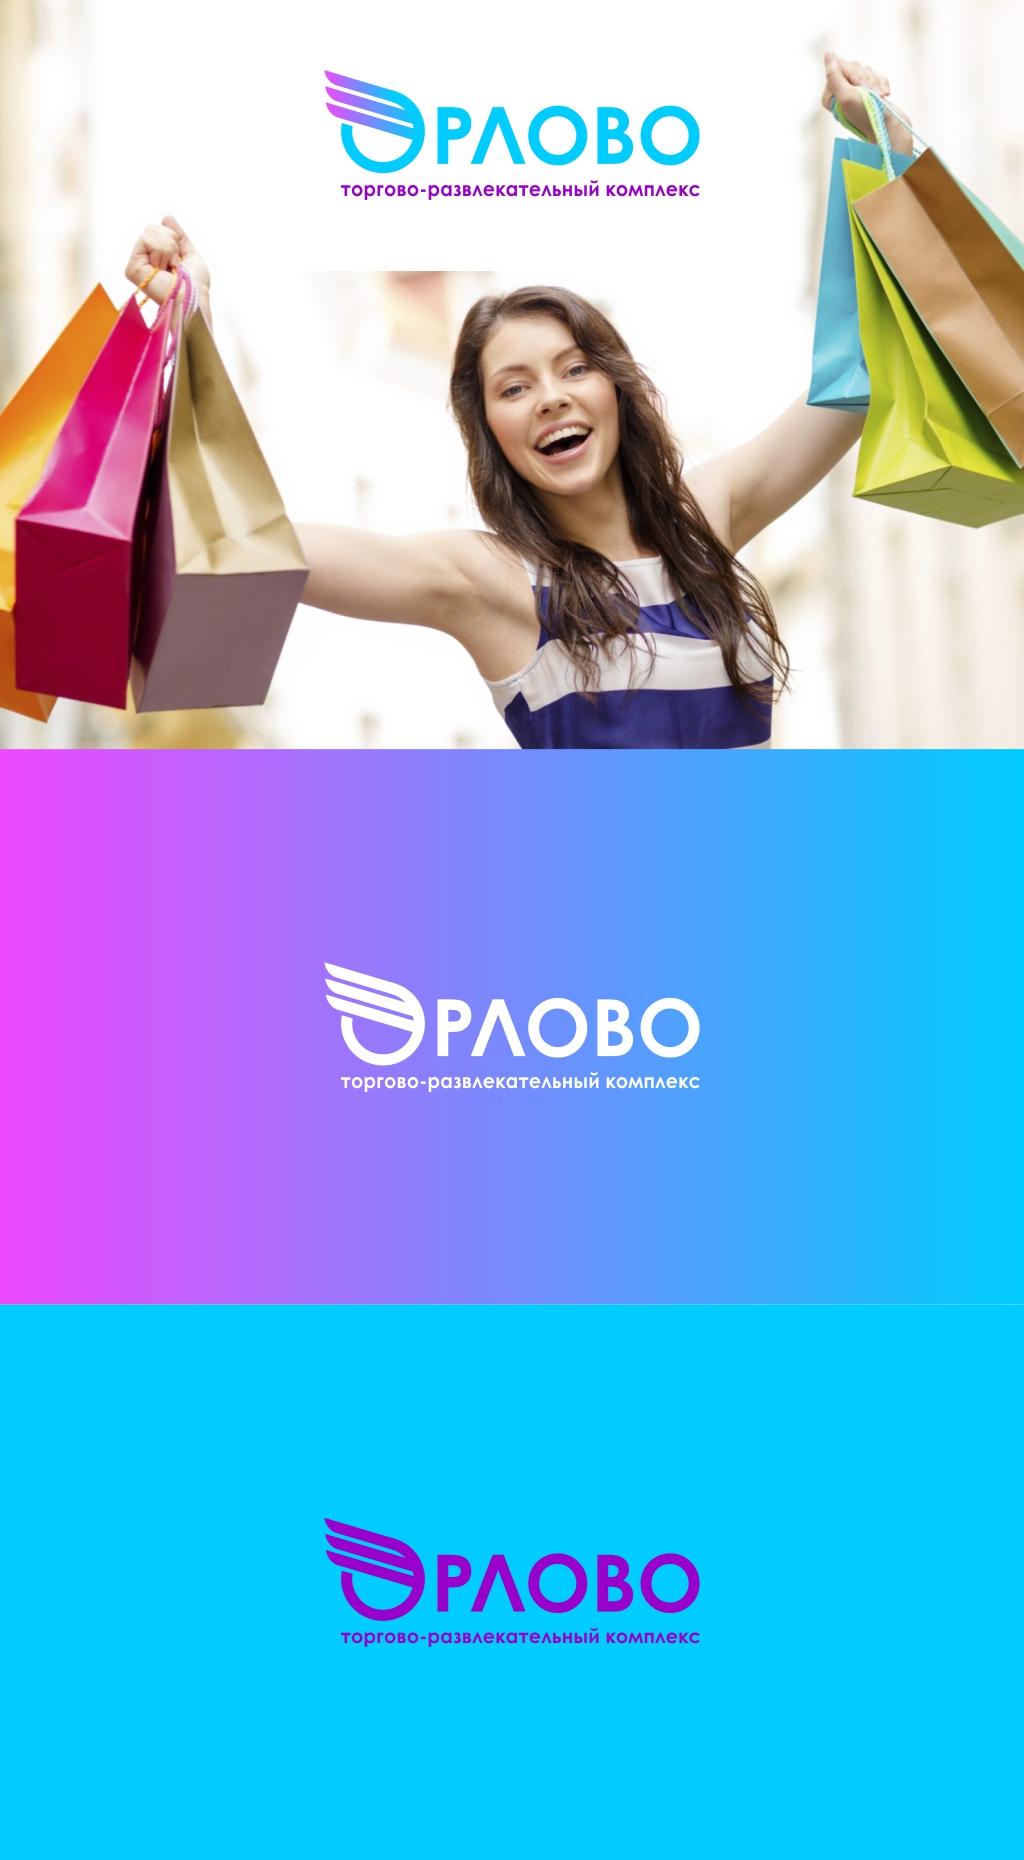 Разработка логотипа для Торгово-развлекательного комплекса фото f_4105964e950d3460.jpg